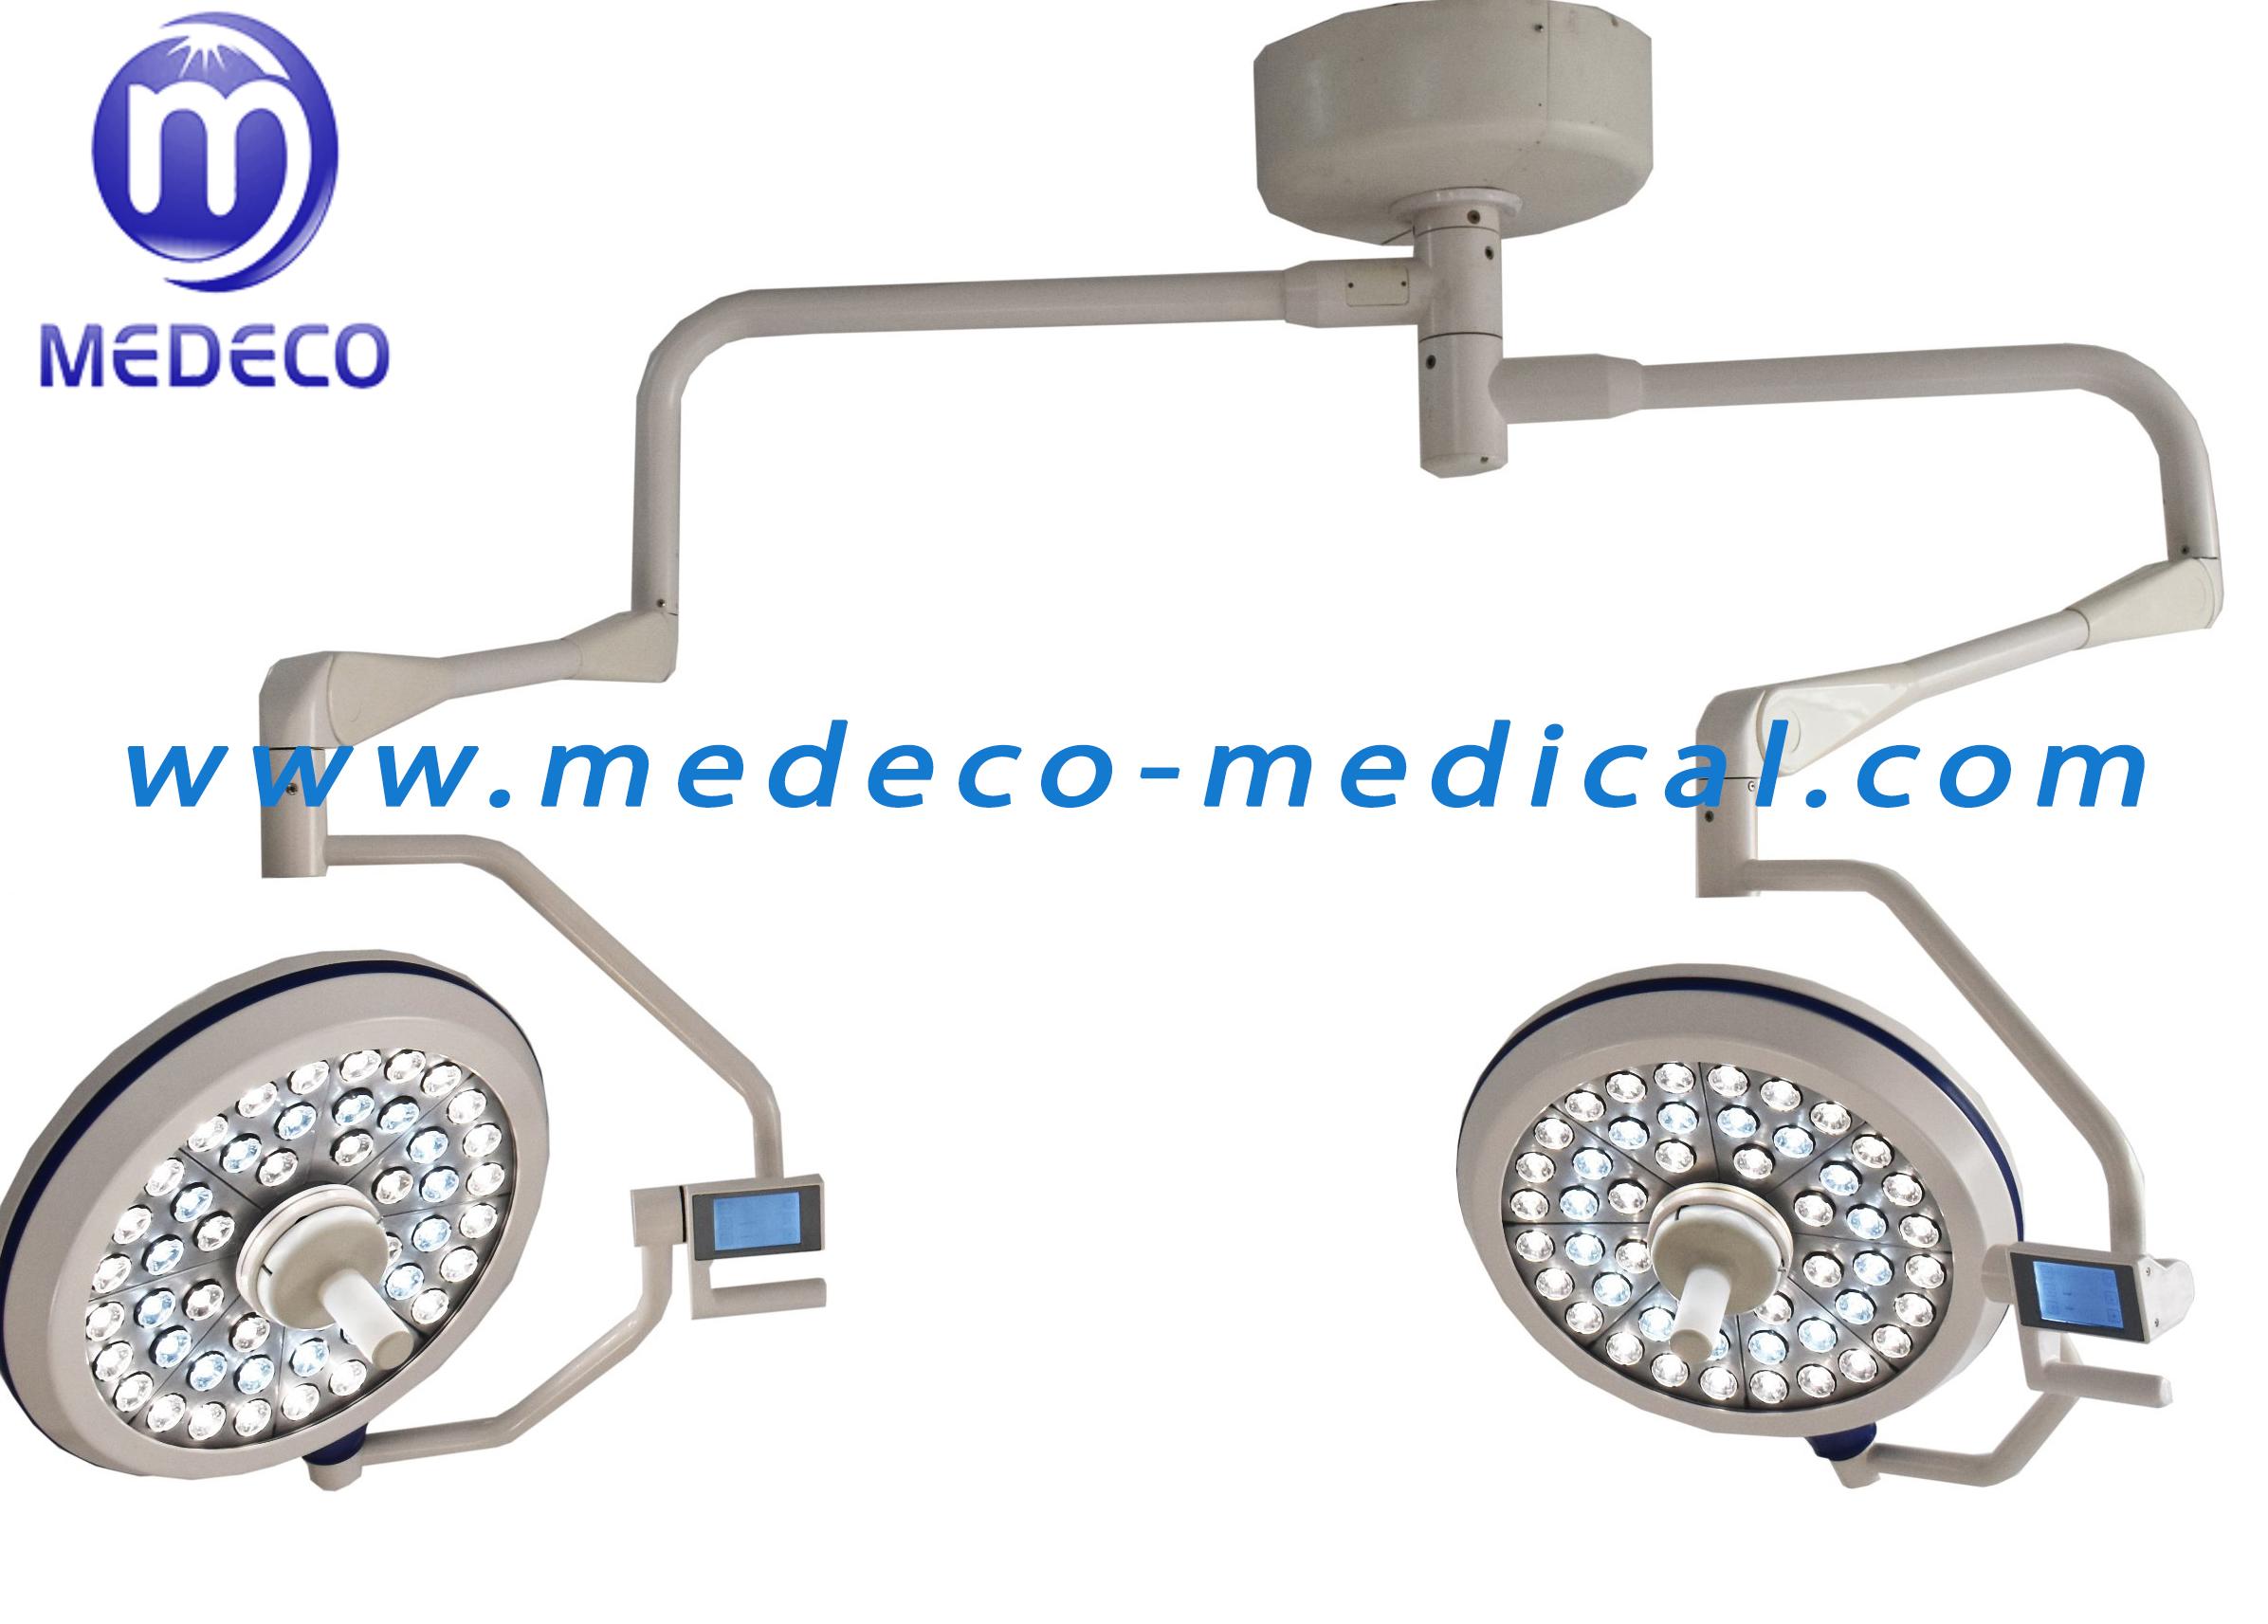 II LED OPERATING LIGHT LED 500/500(Round Arm)